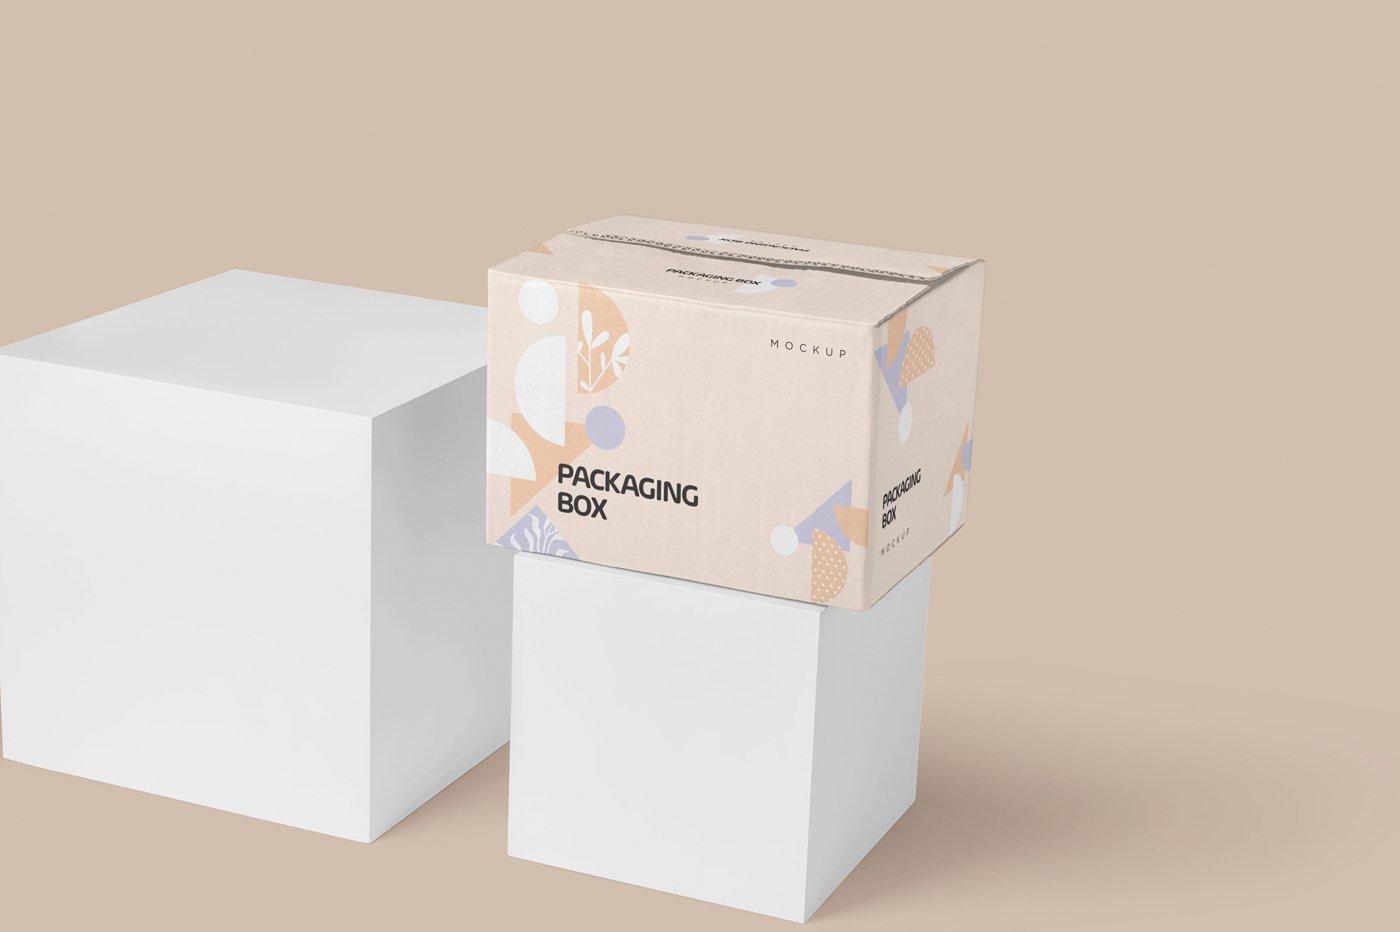 矩形瓦楞硬纸板快递包装箱设计展示样机 Rectangular Cardboard Box Mockups插图(3)